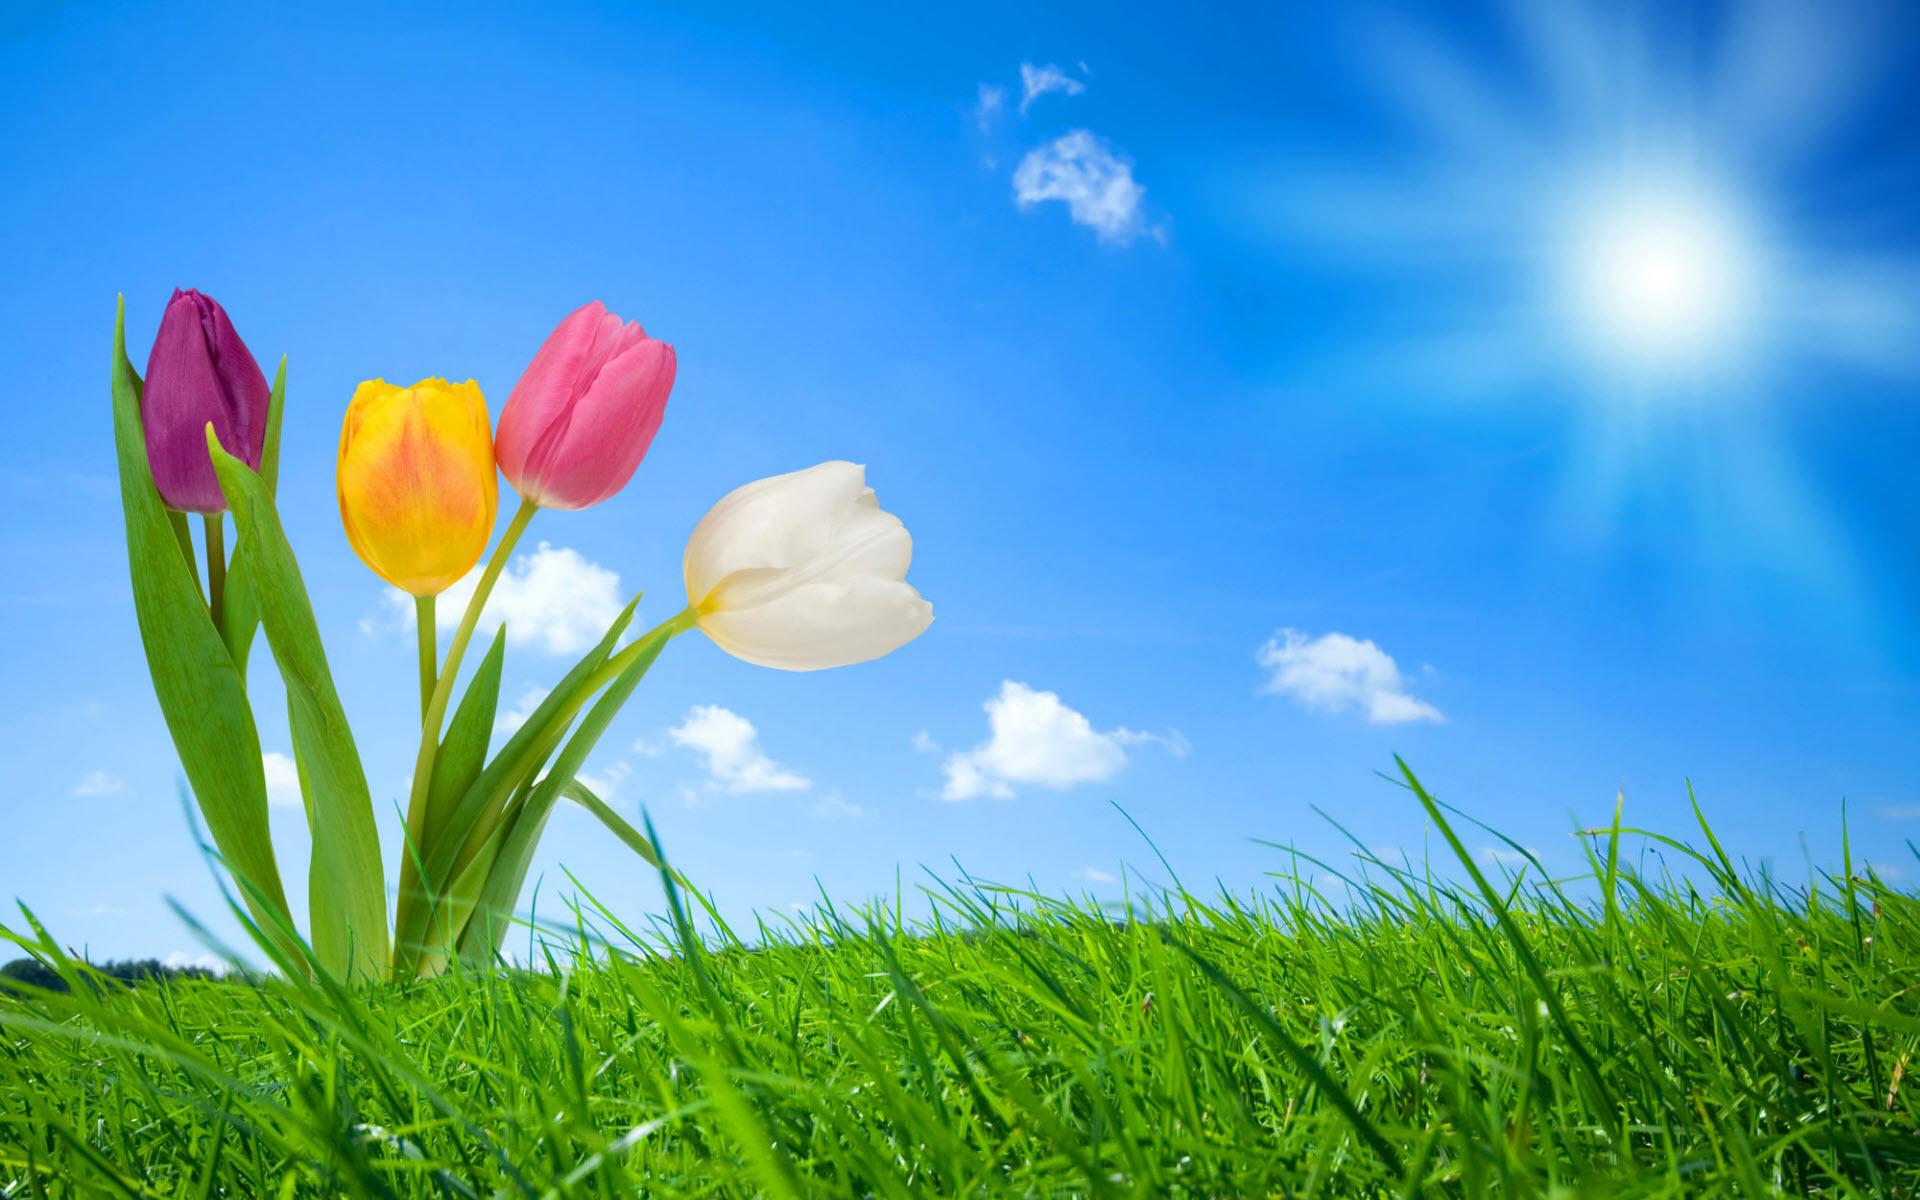 Sfondi Hd Natura Per Desktop Tulipani In Primavera Sfondi Hd Gratis